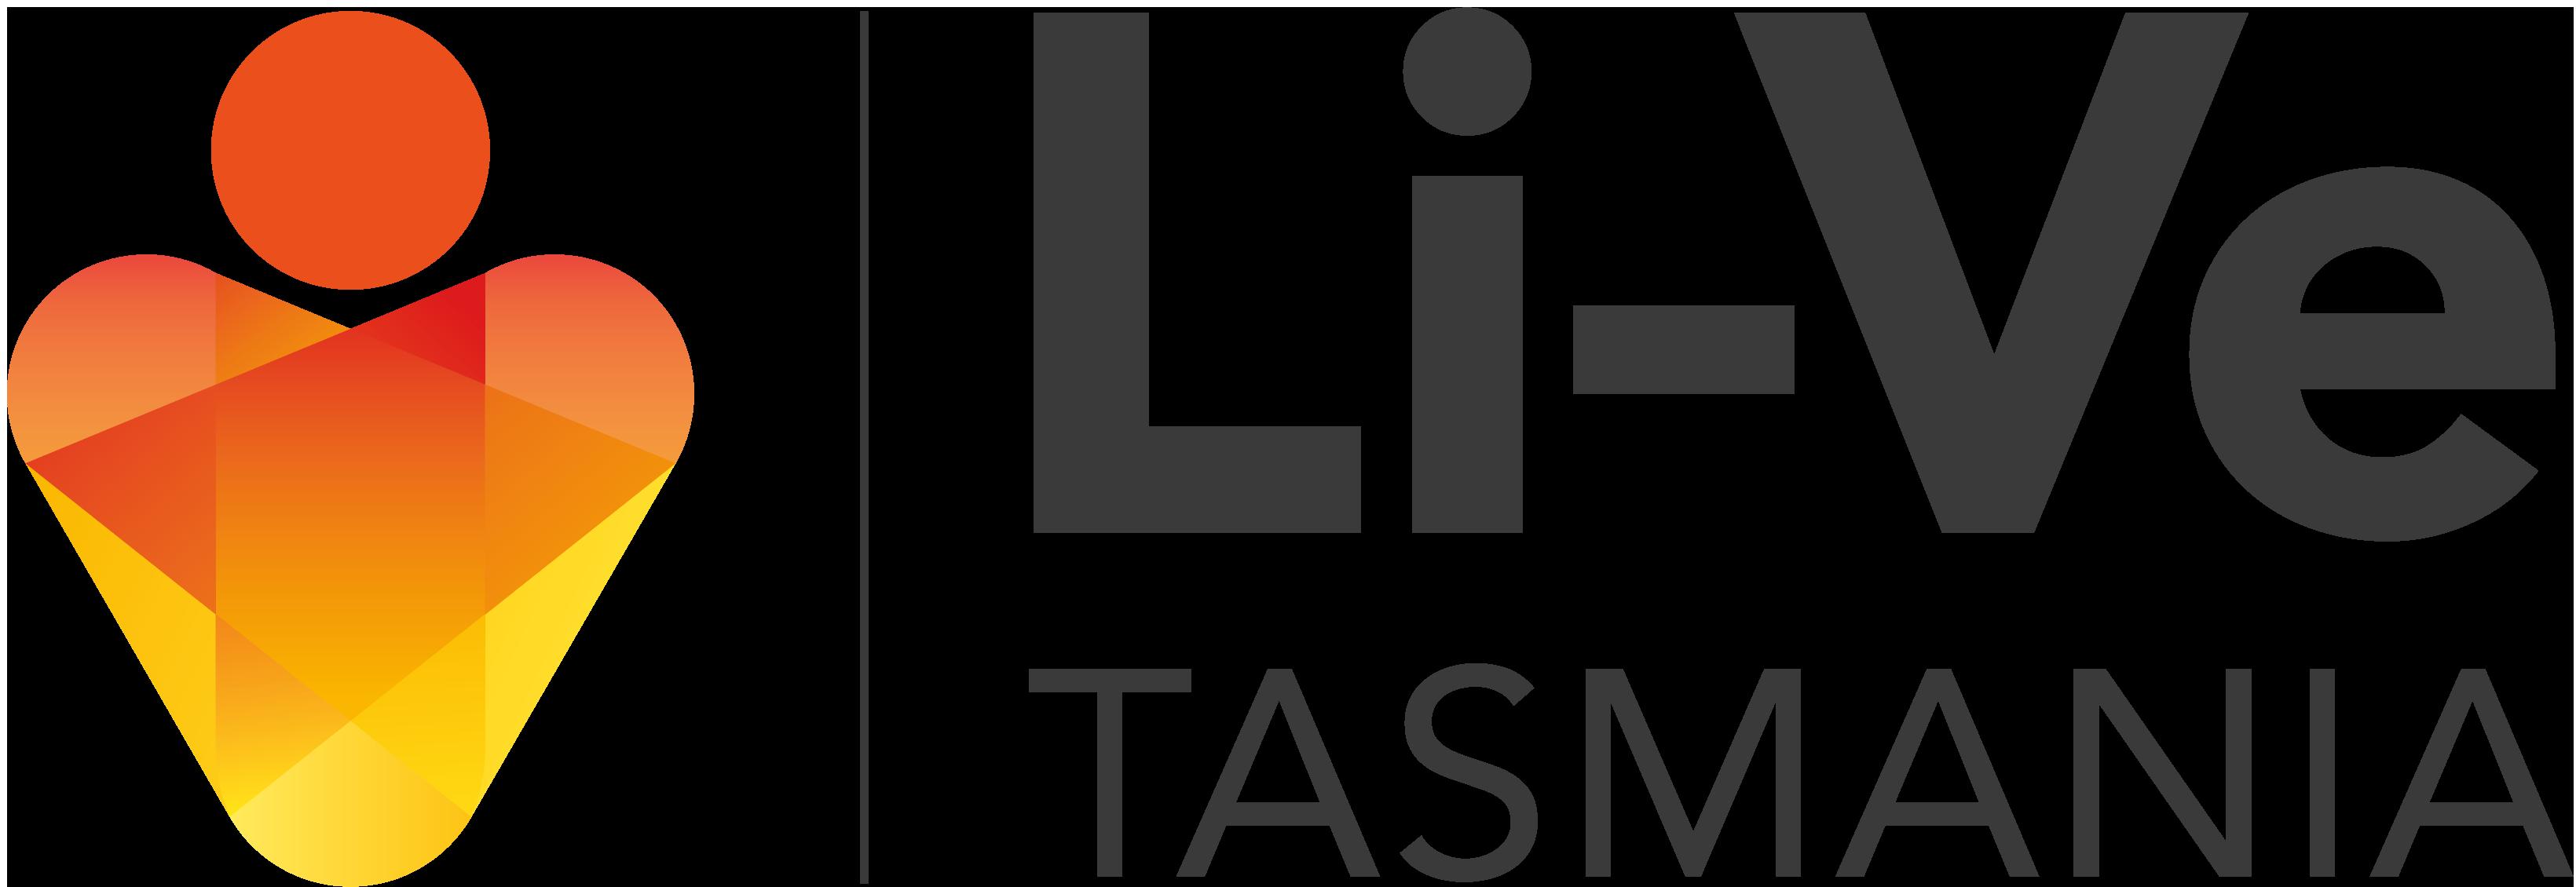 Li-Ve Tasmania